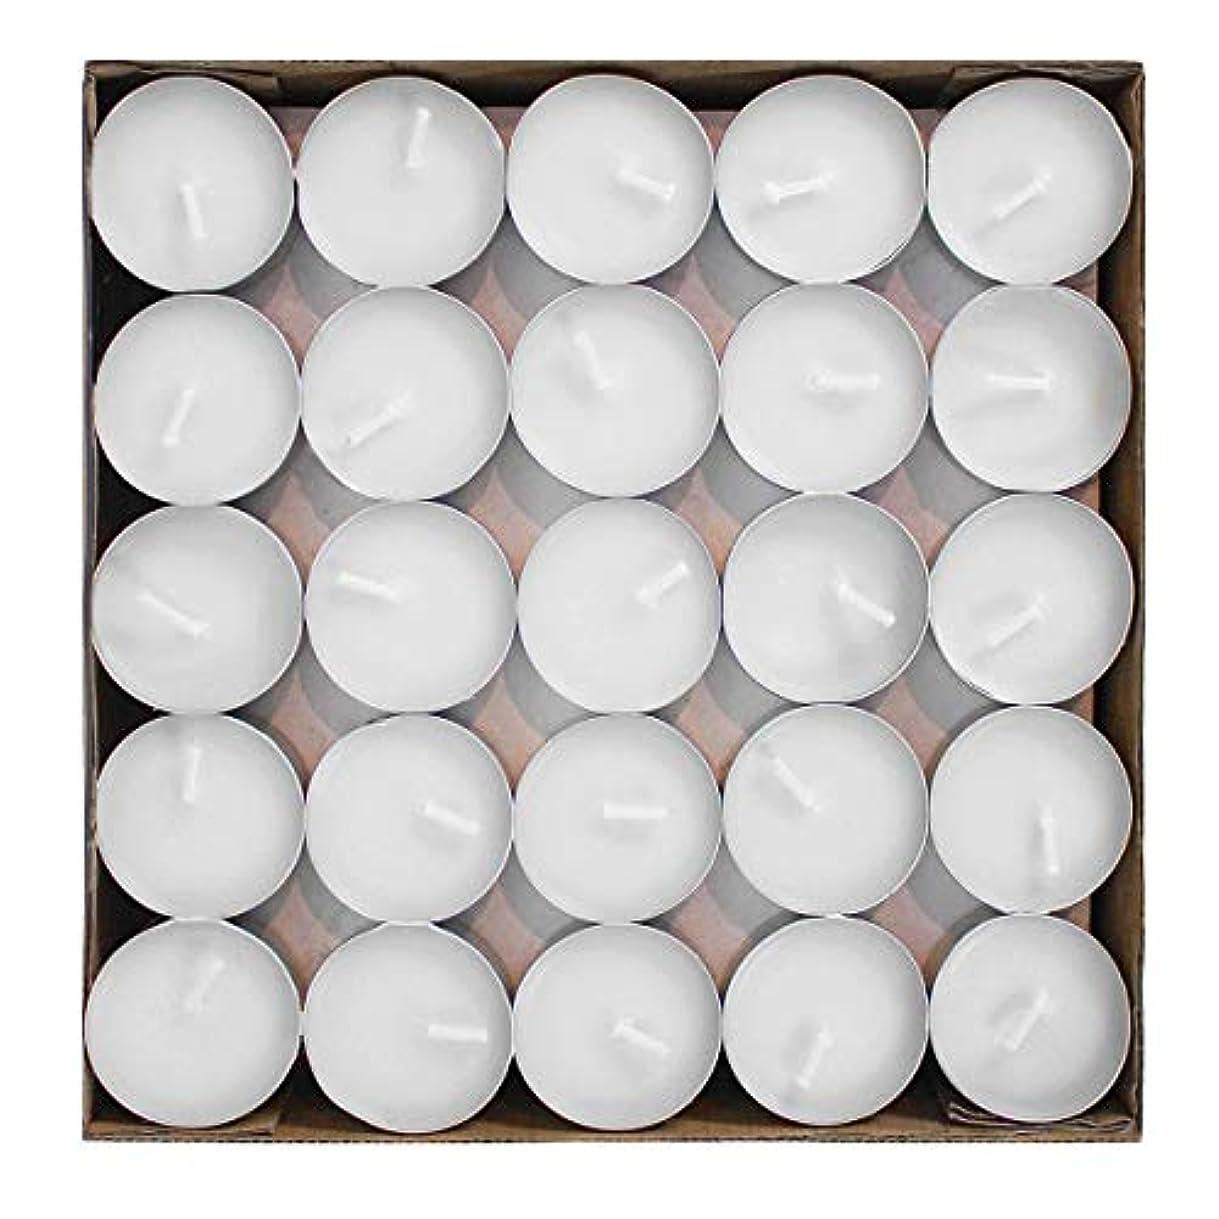 可能にする男性アブストラクトHwagui ろうそく お茶アロマ キャンドル アロマ キャンドル ロウソク 人気 香り 約1.5-2時間 50個 ZH004